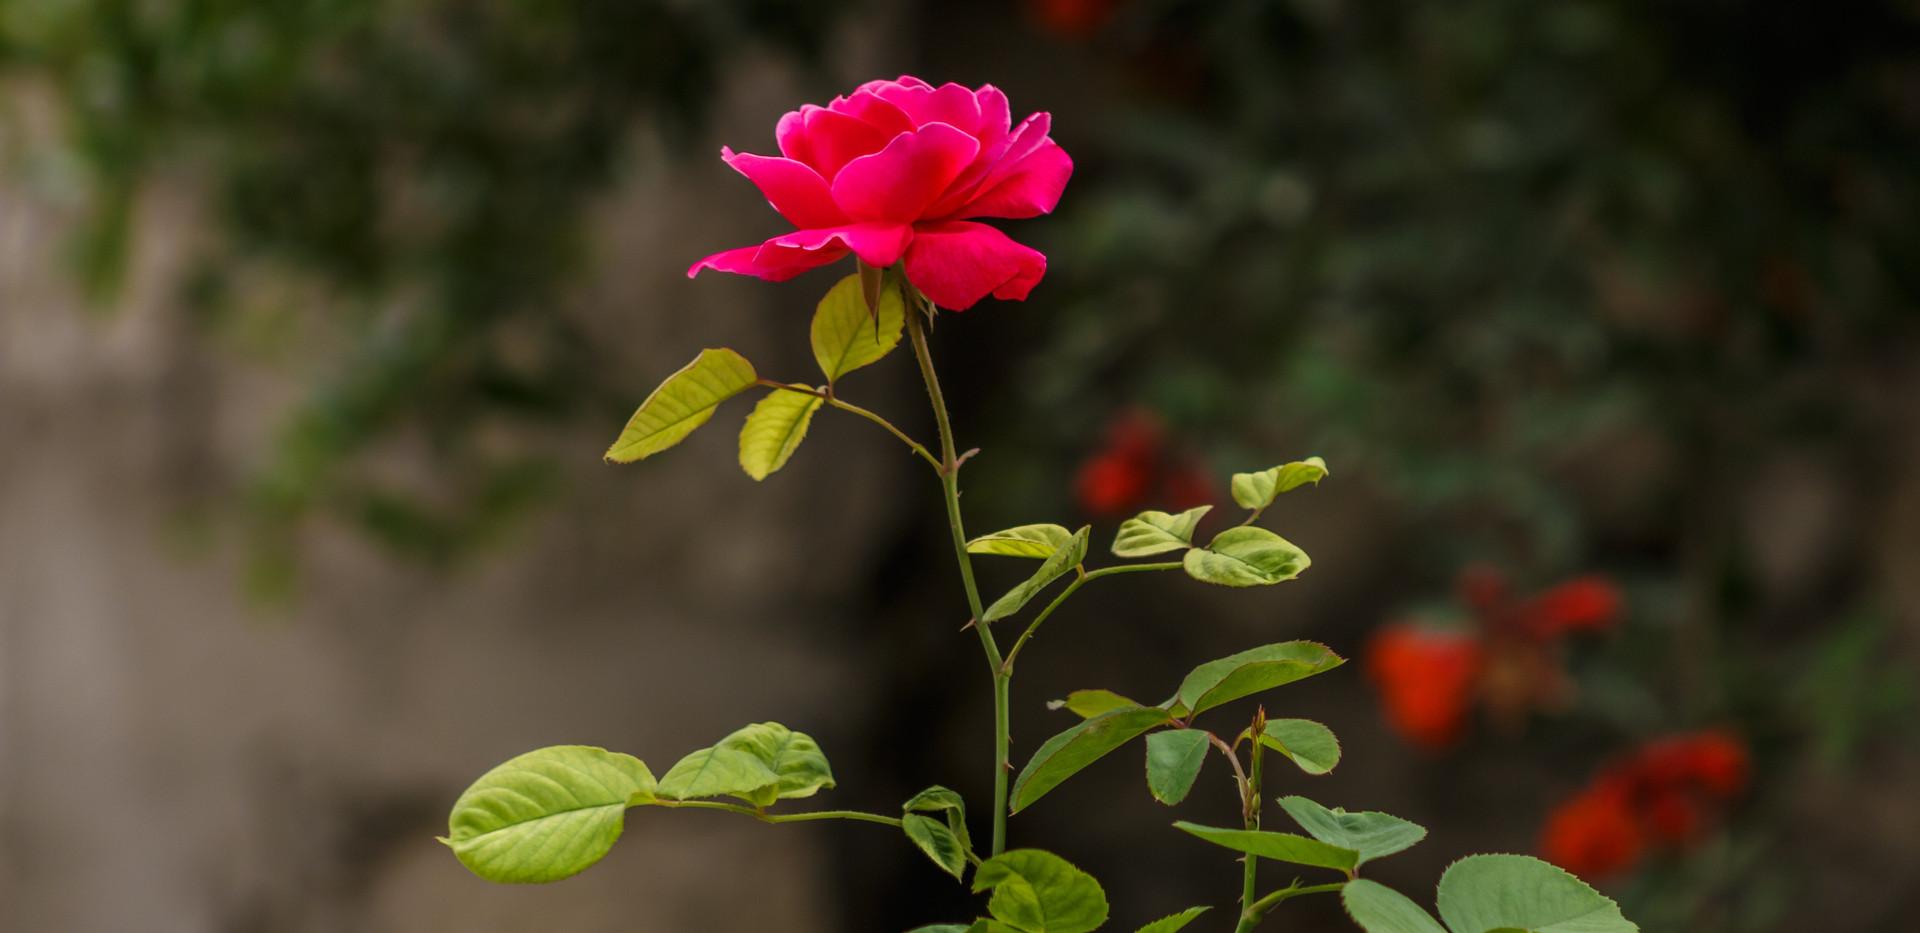 Roses love mushroom compost